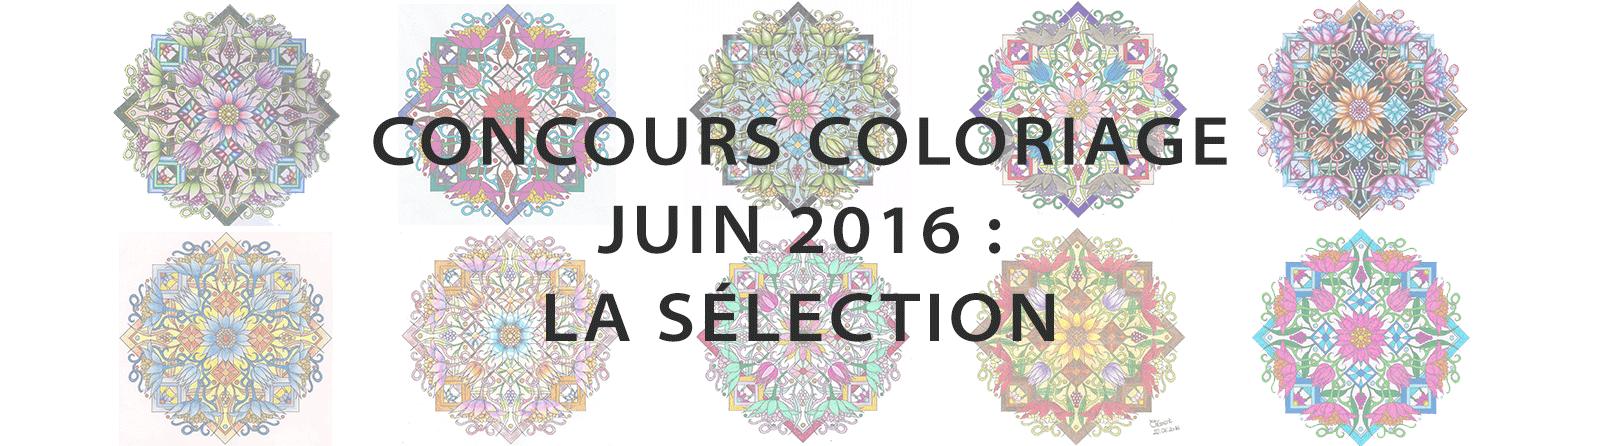 concours-coloriage-juin-2016-la-selection